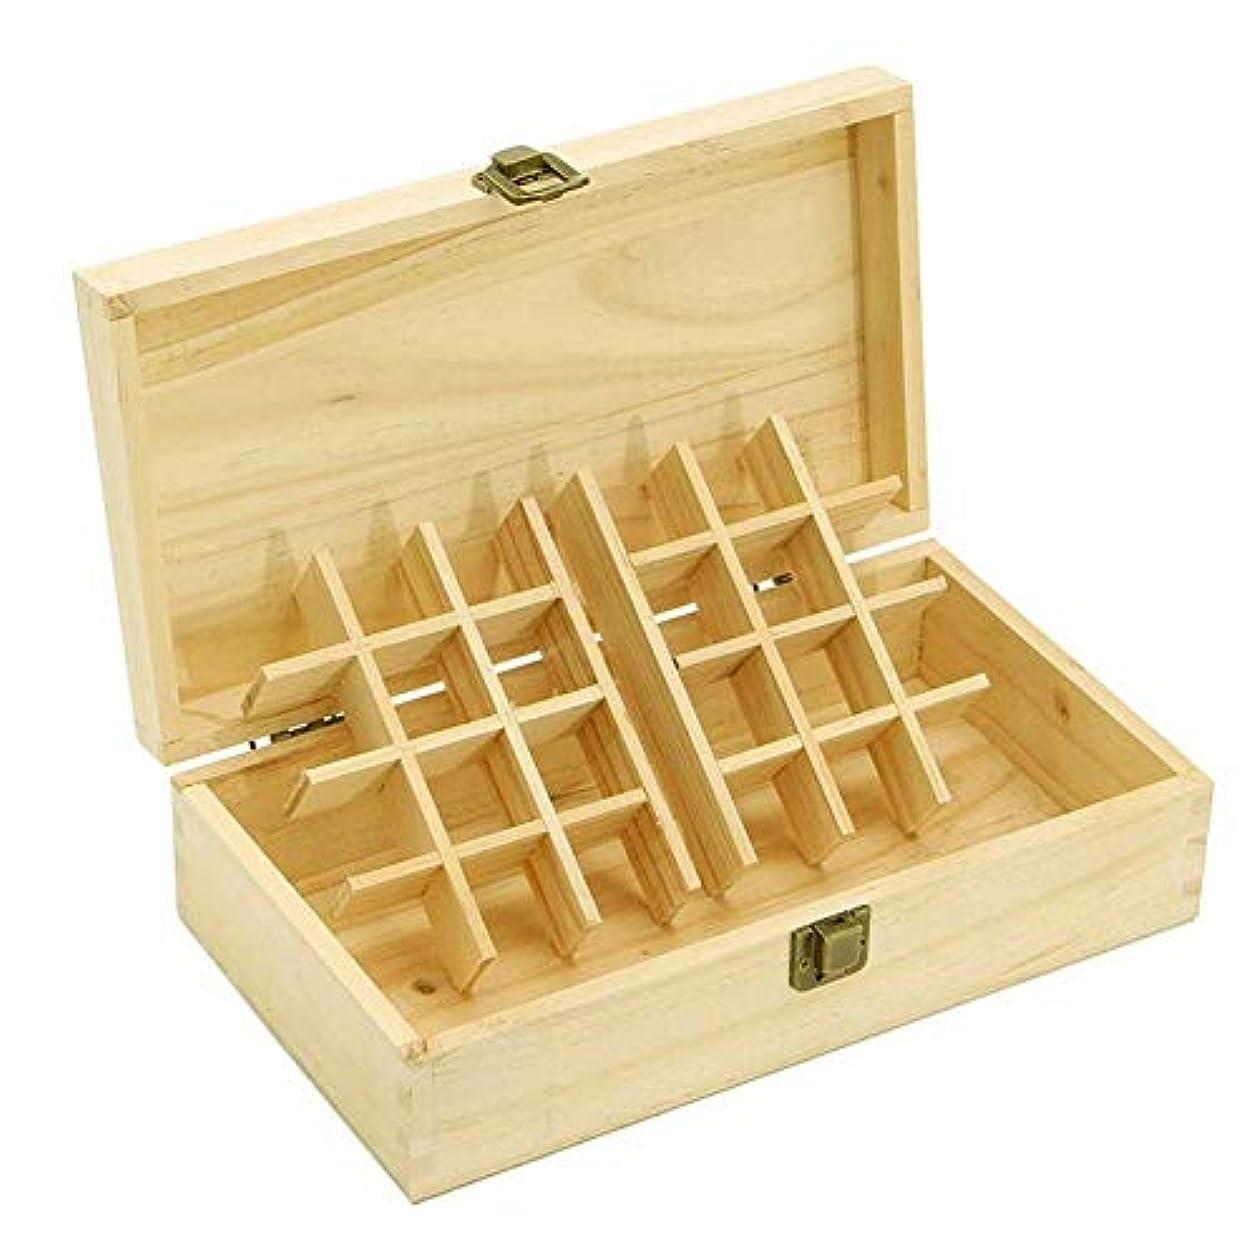 ねじれ限りエッセンシャルオイル収納ボックス 純木の精油の収納箱 香水収納ケース アロマオイル収納ボックス